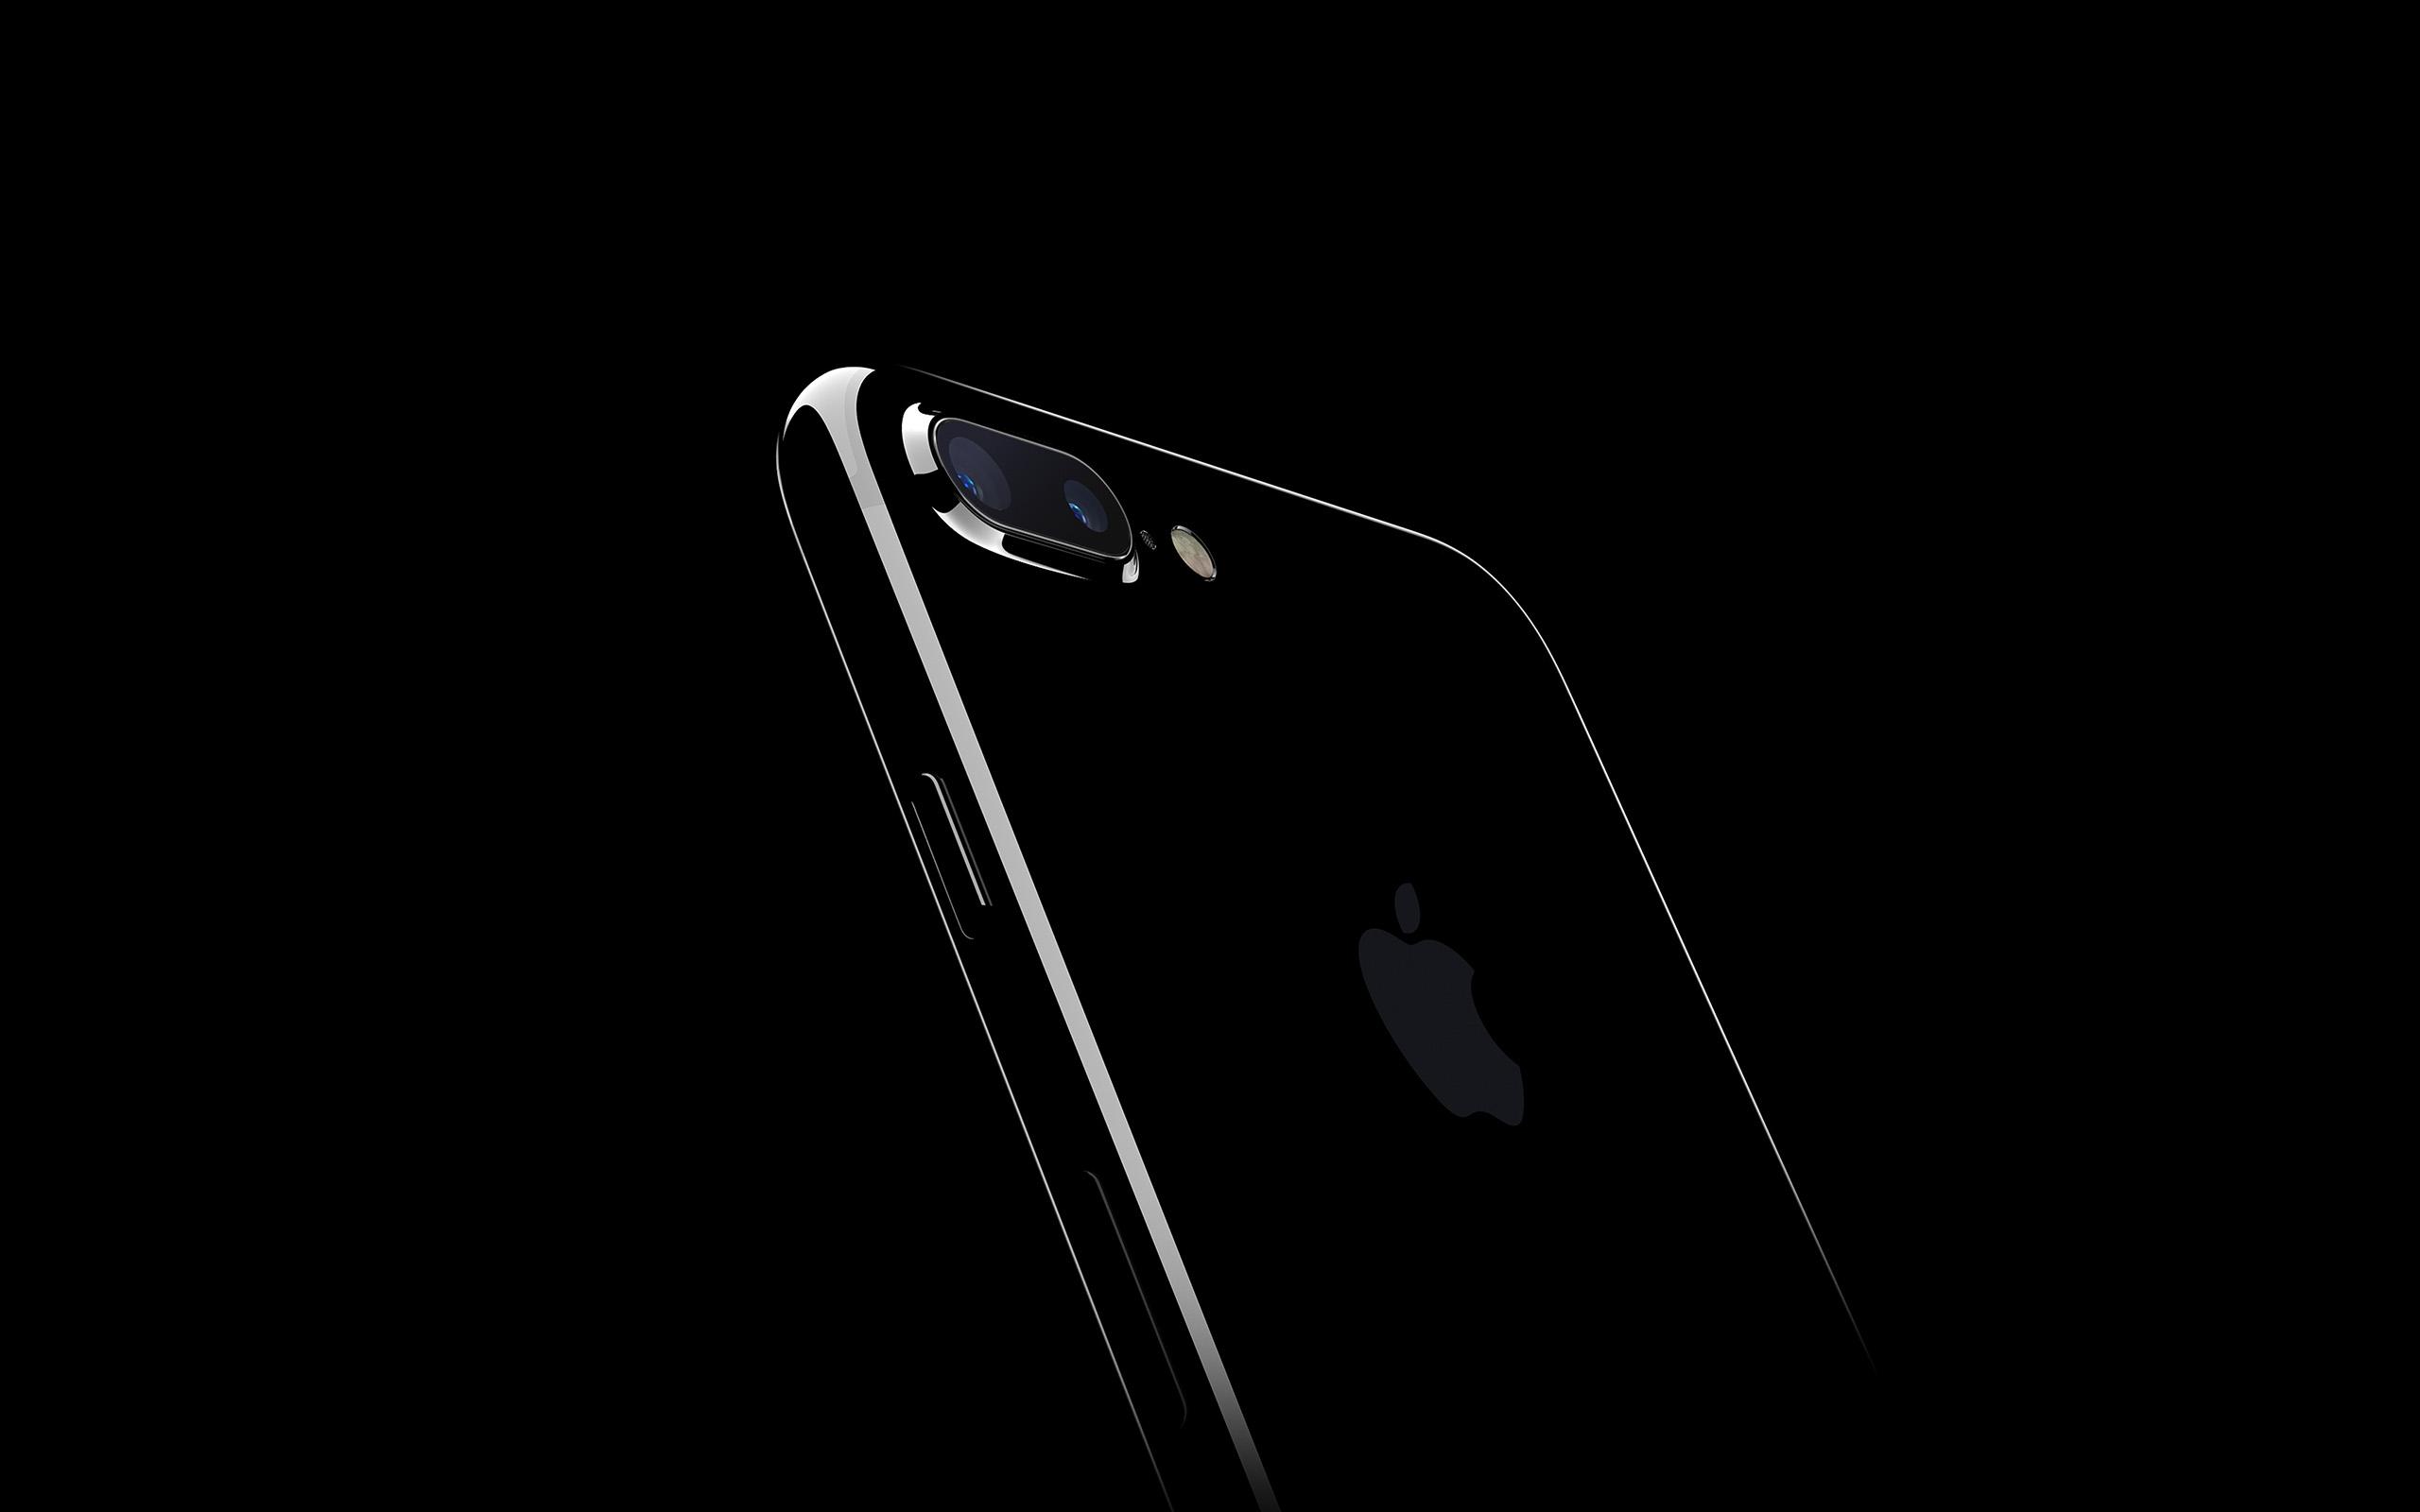 Заводской брак iPhone 8 и 8 Plus - все известные проблемы! 21